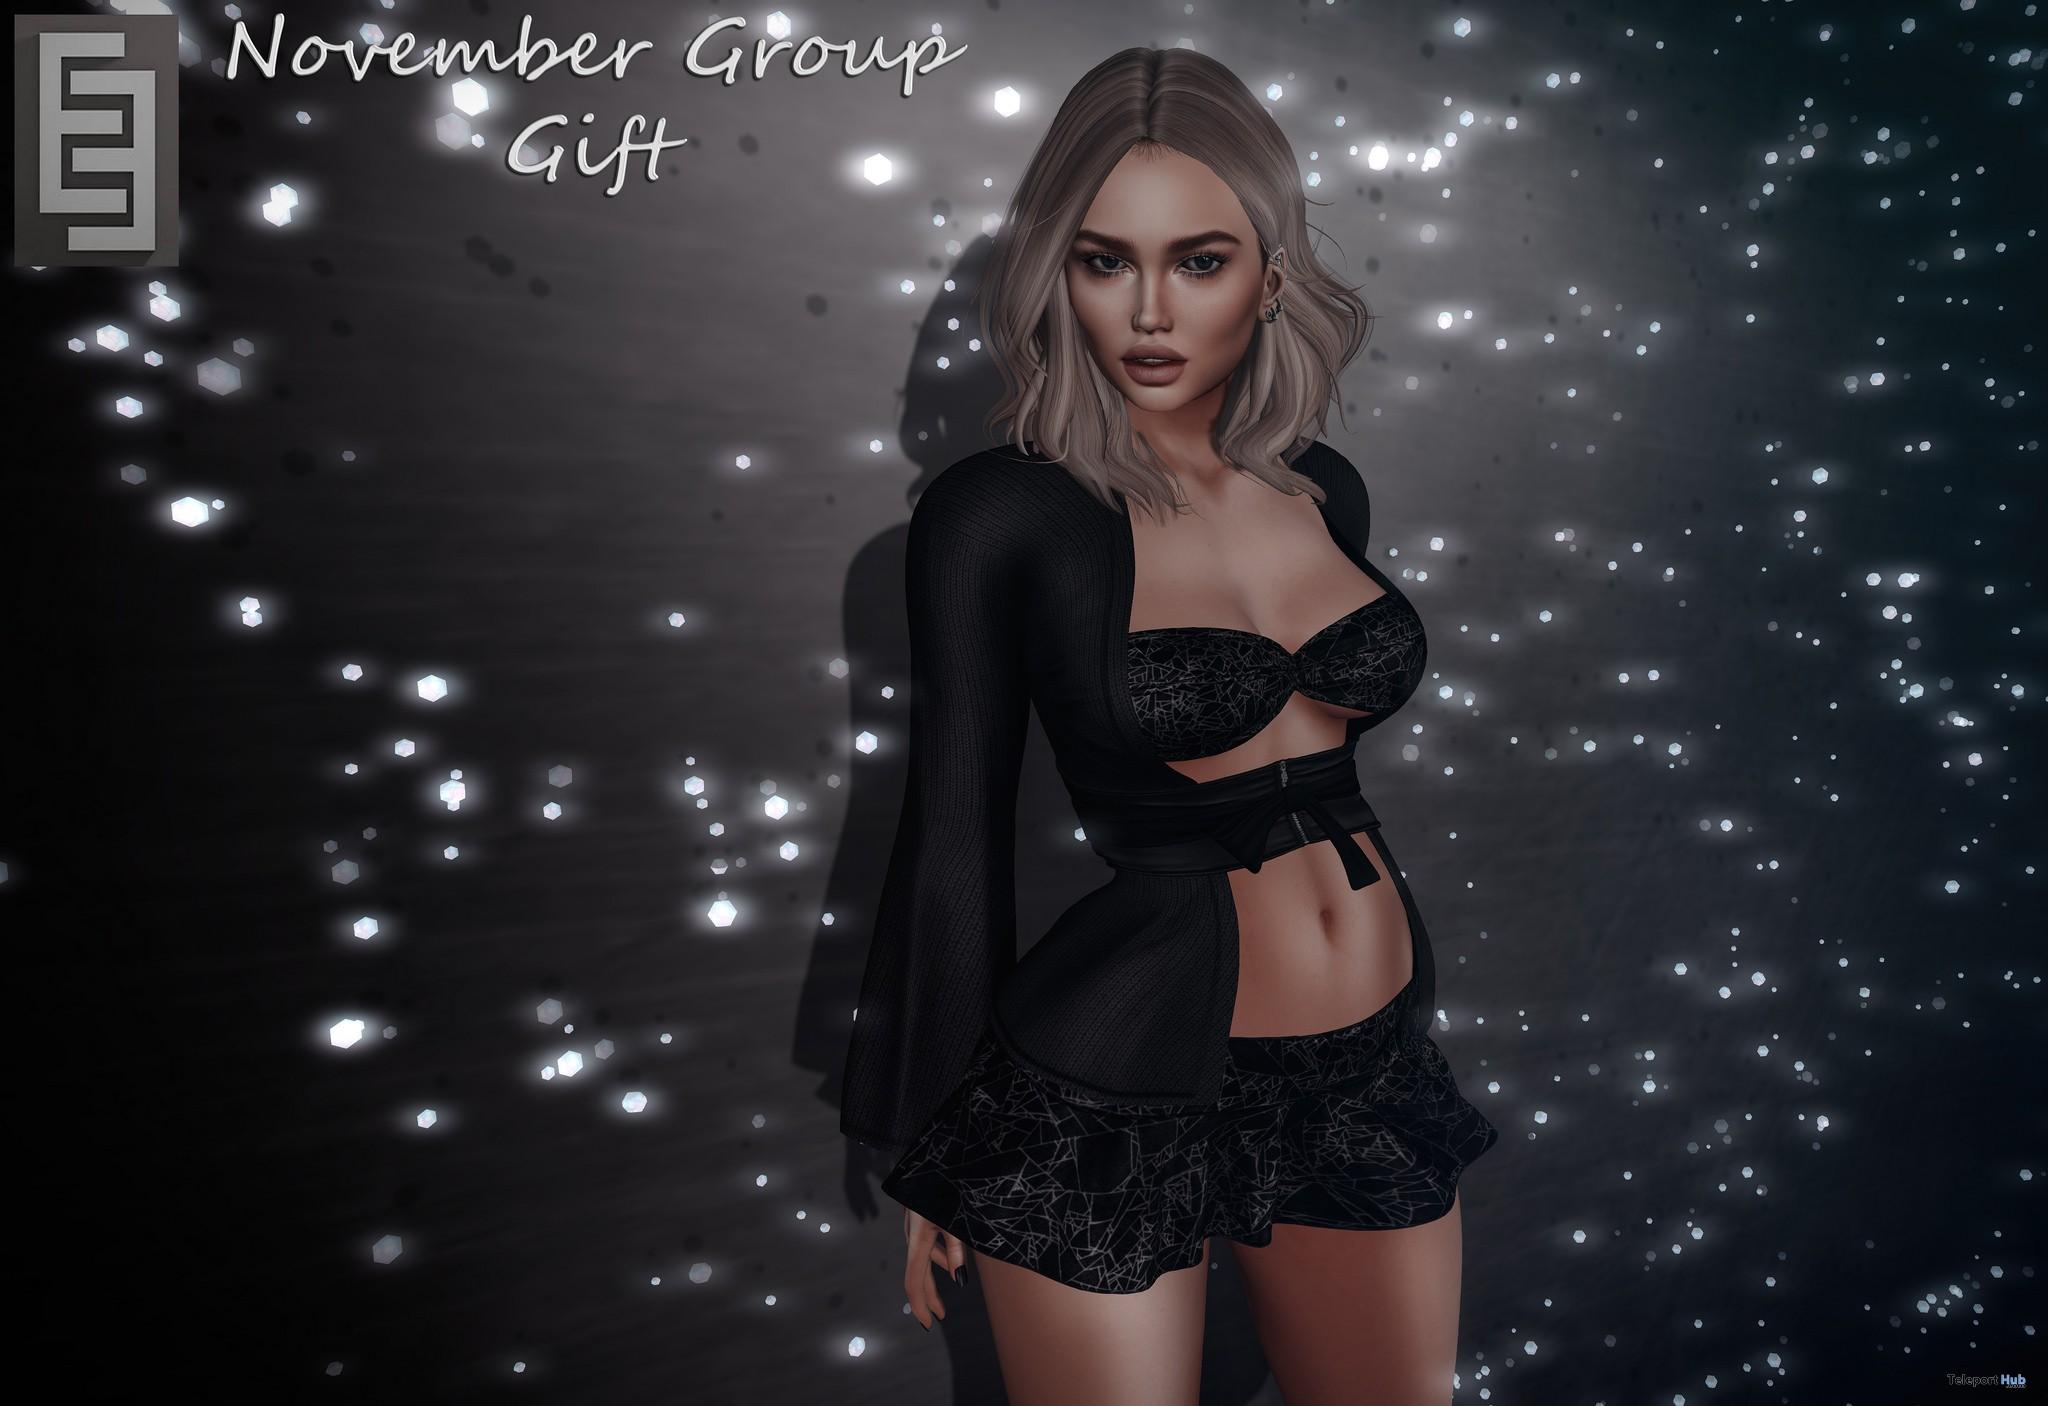 Skirt With Top V5 November 2017 Group Gift by Elven Elder - Teleport Hub - teleporthub.com